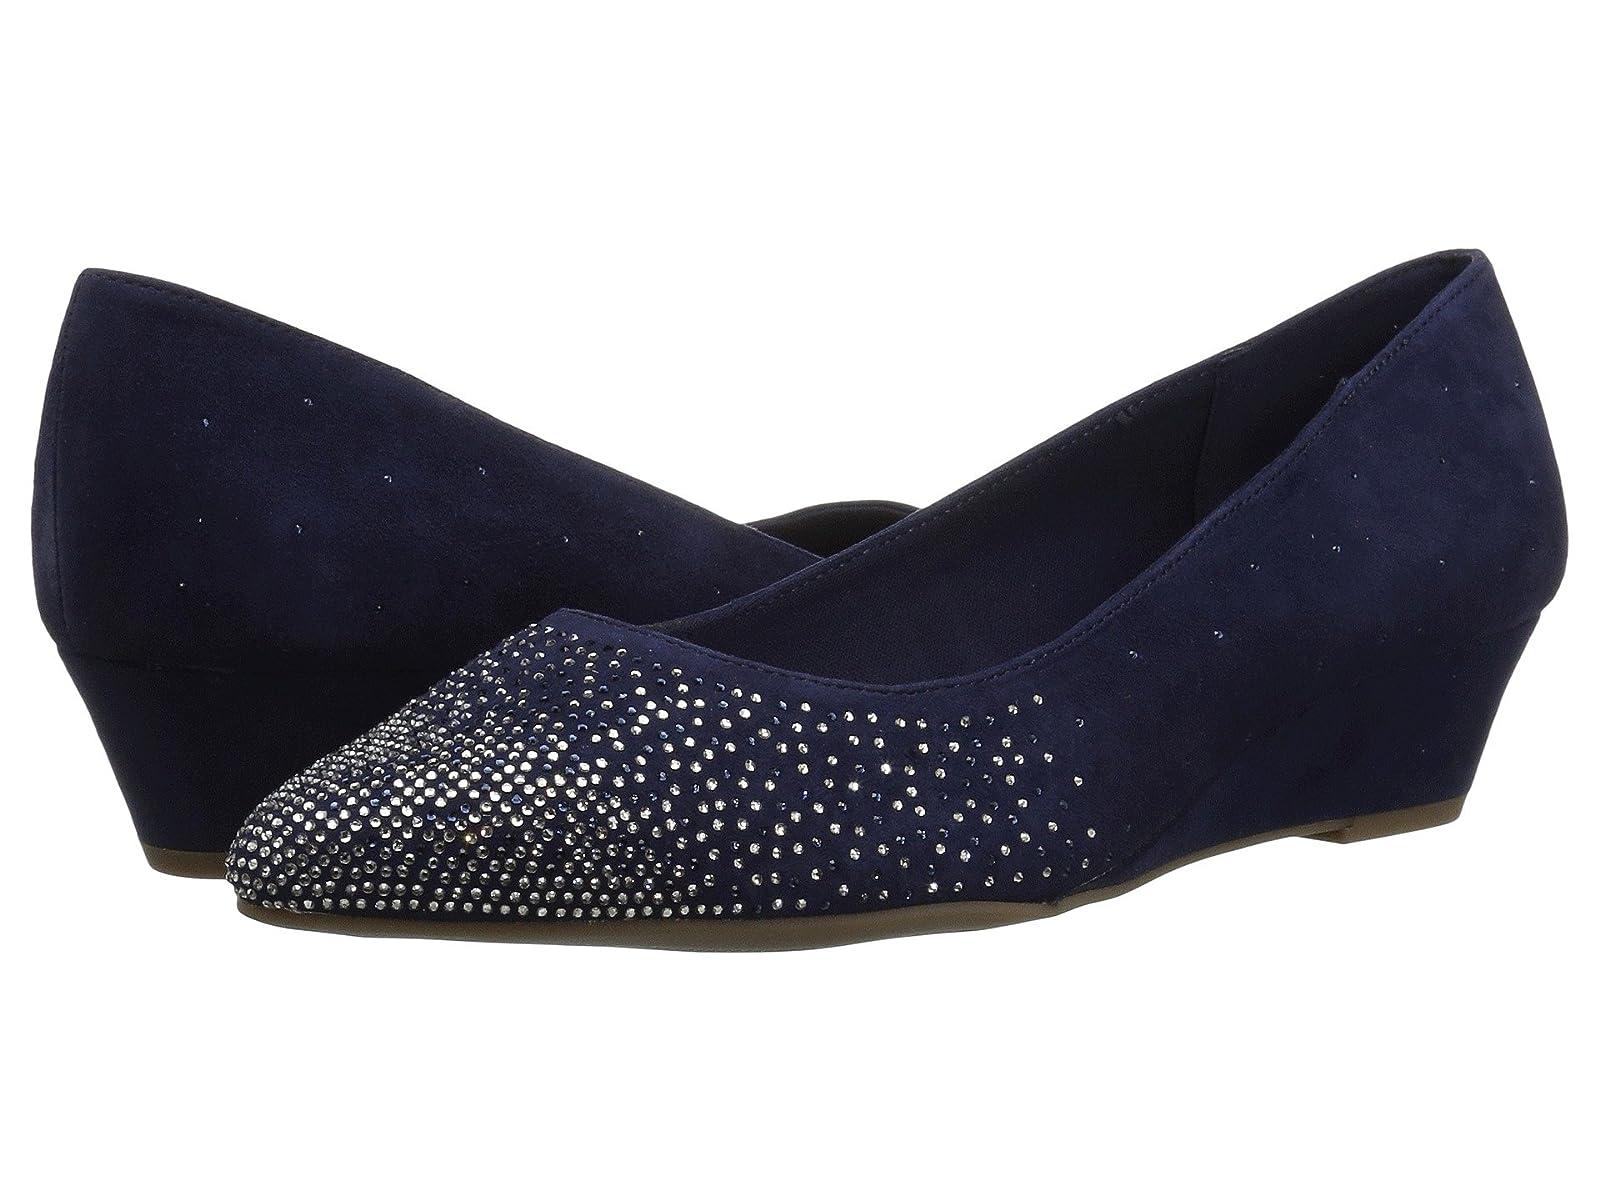 Anne Klein ElleryAtmospheric grades have affordable shoes